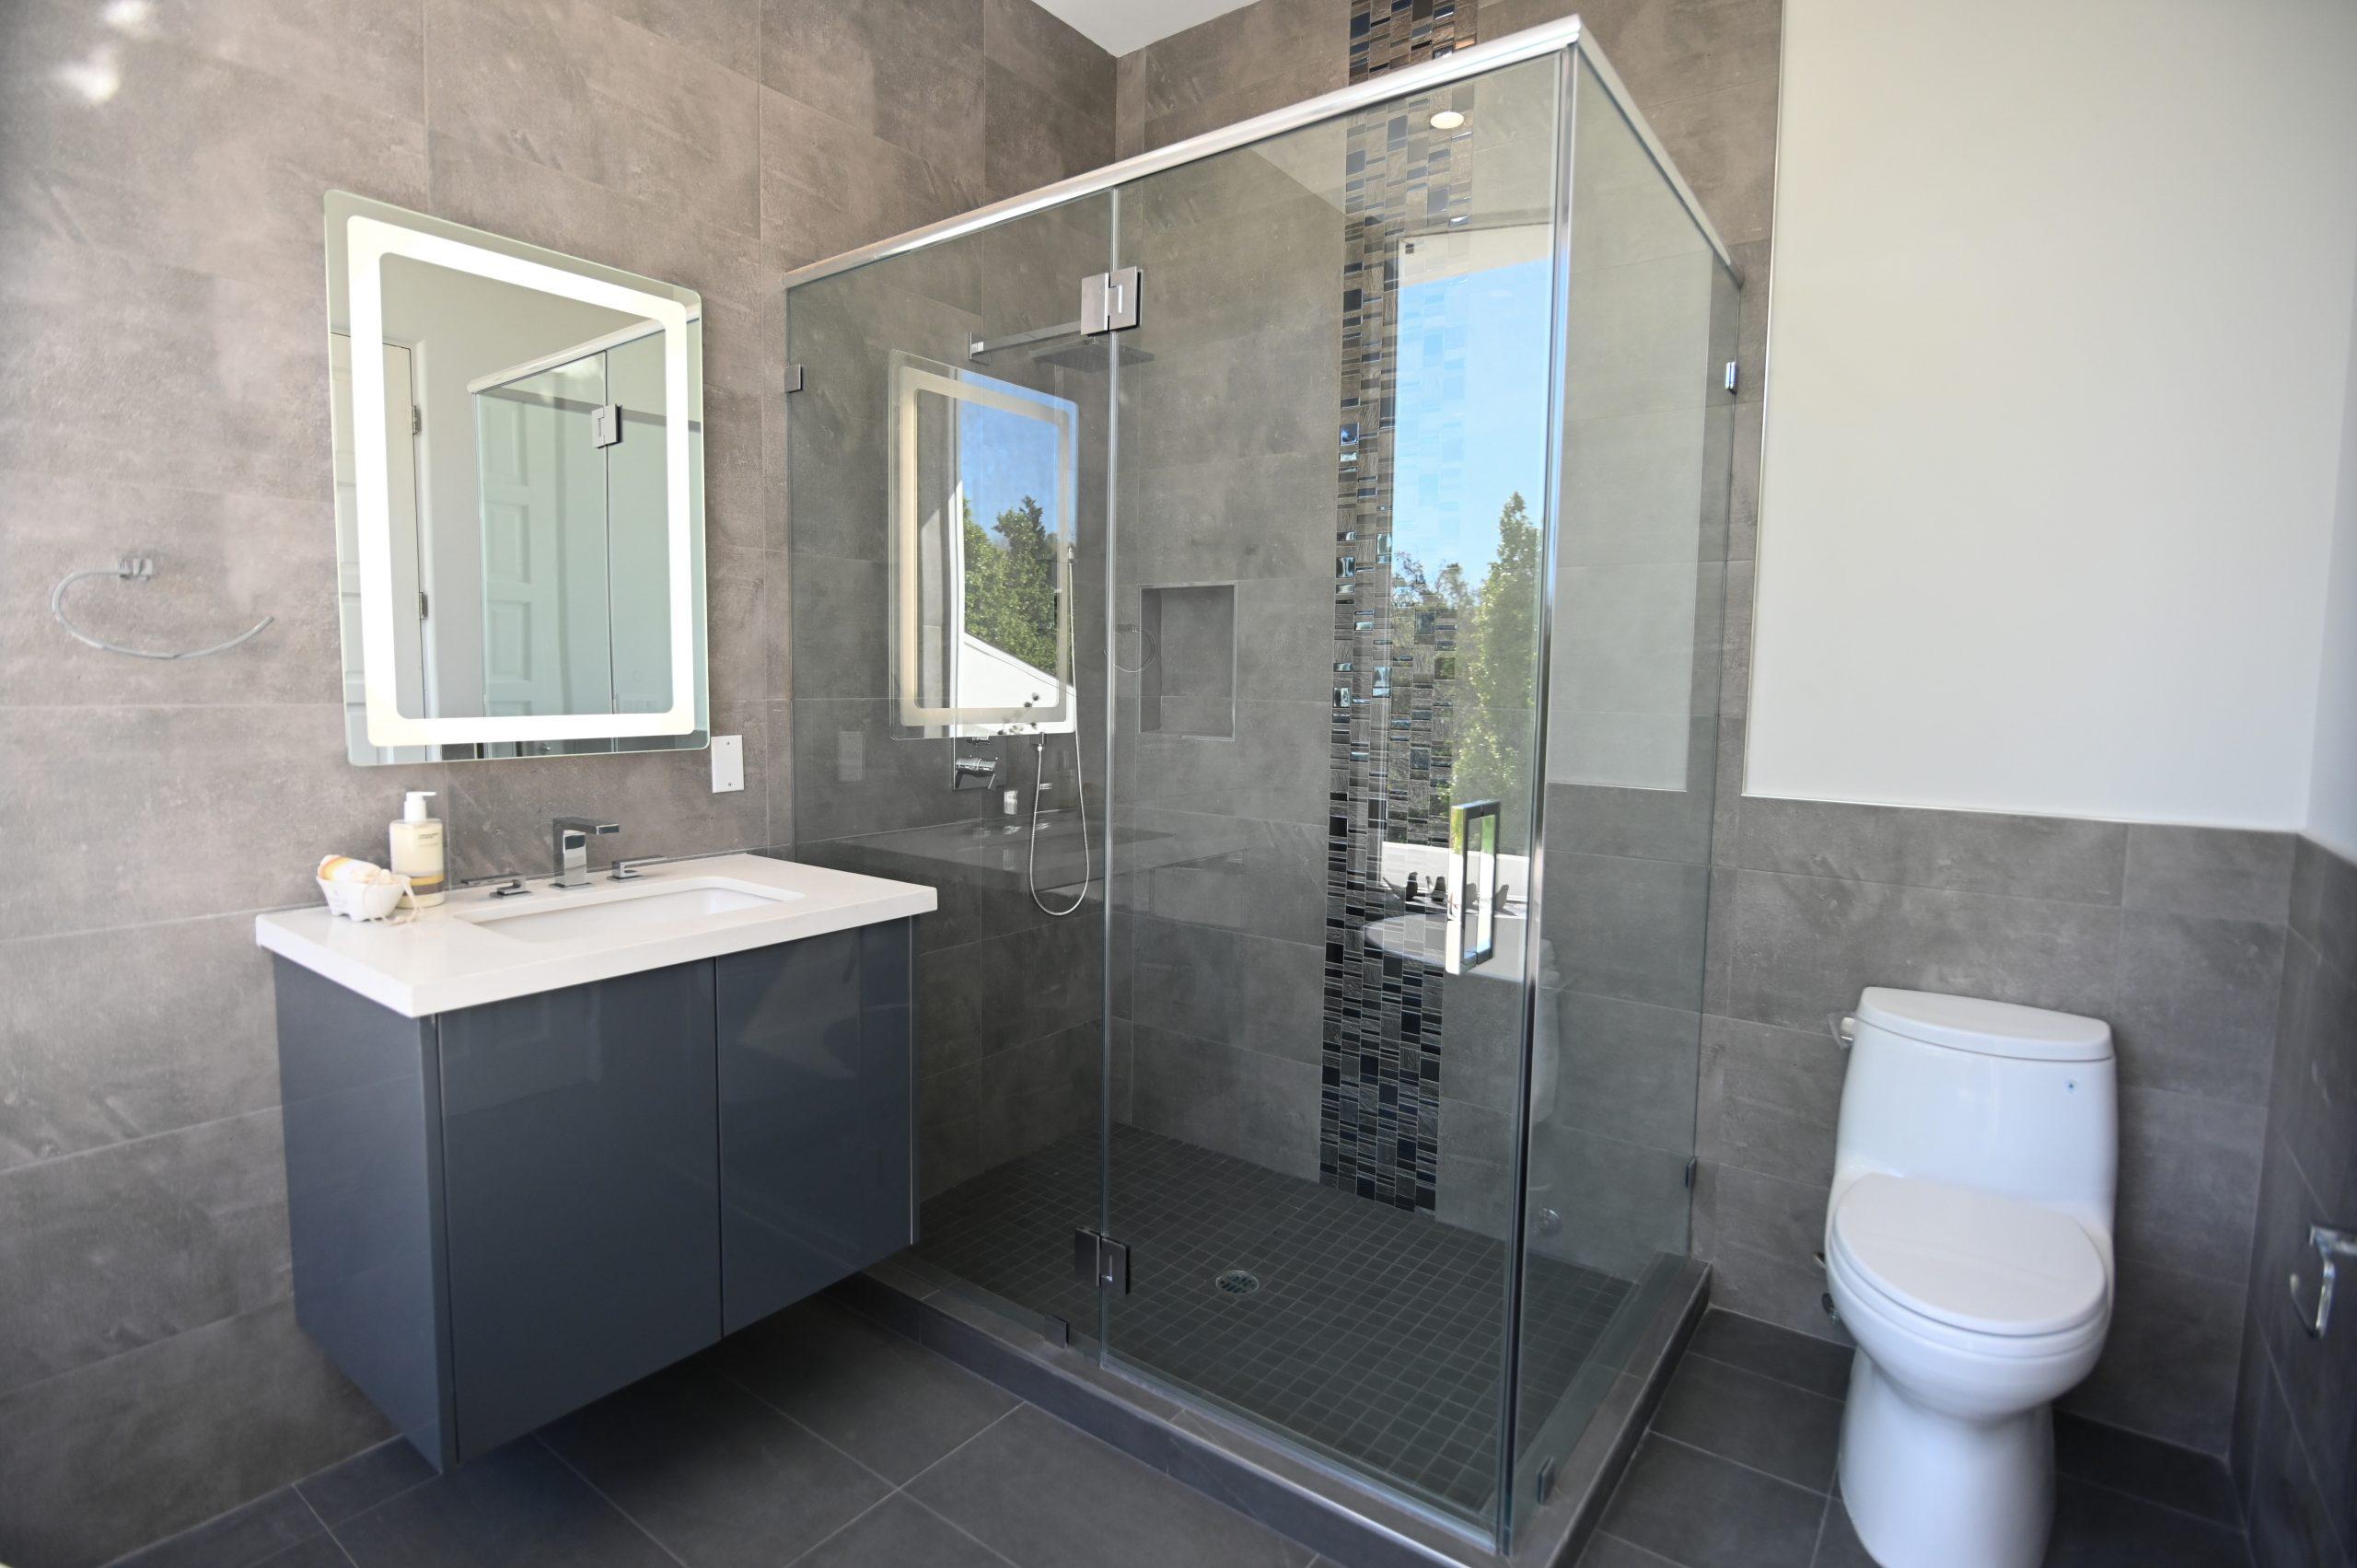 Bathroom Remodeling in Marina Del Rey, CA